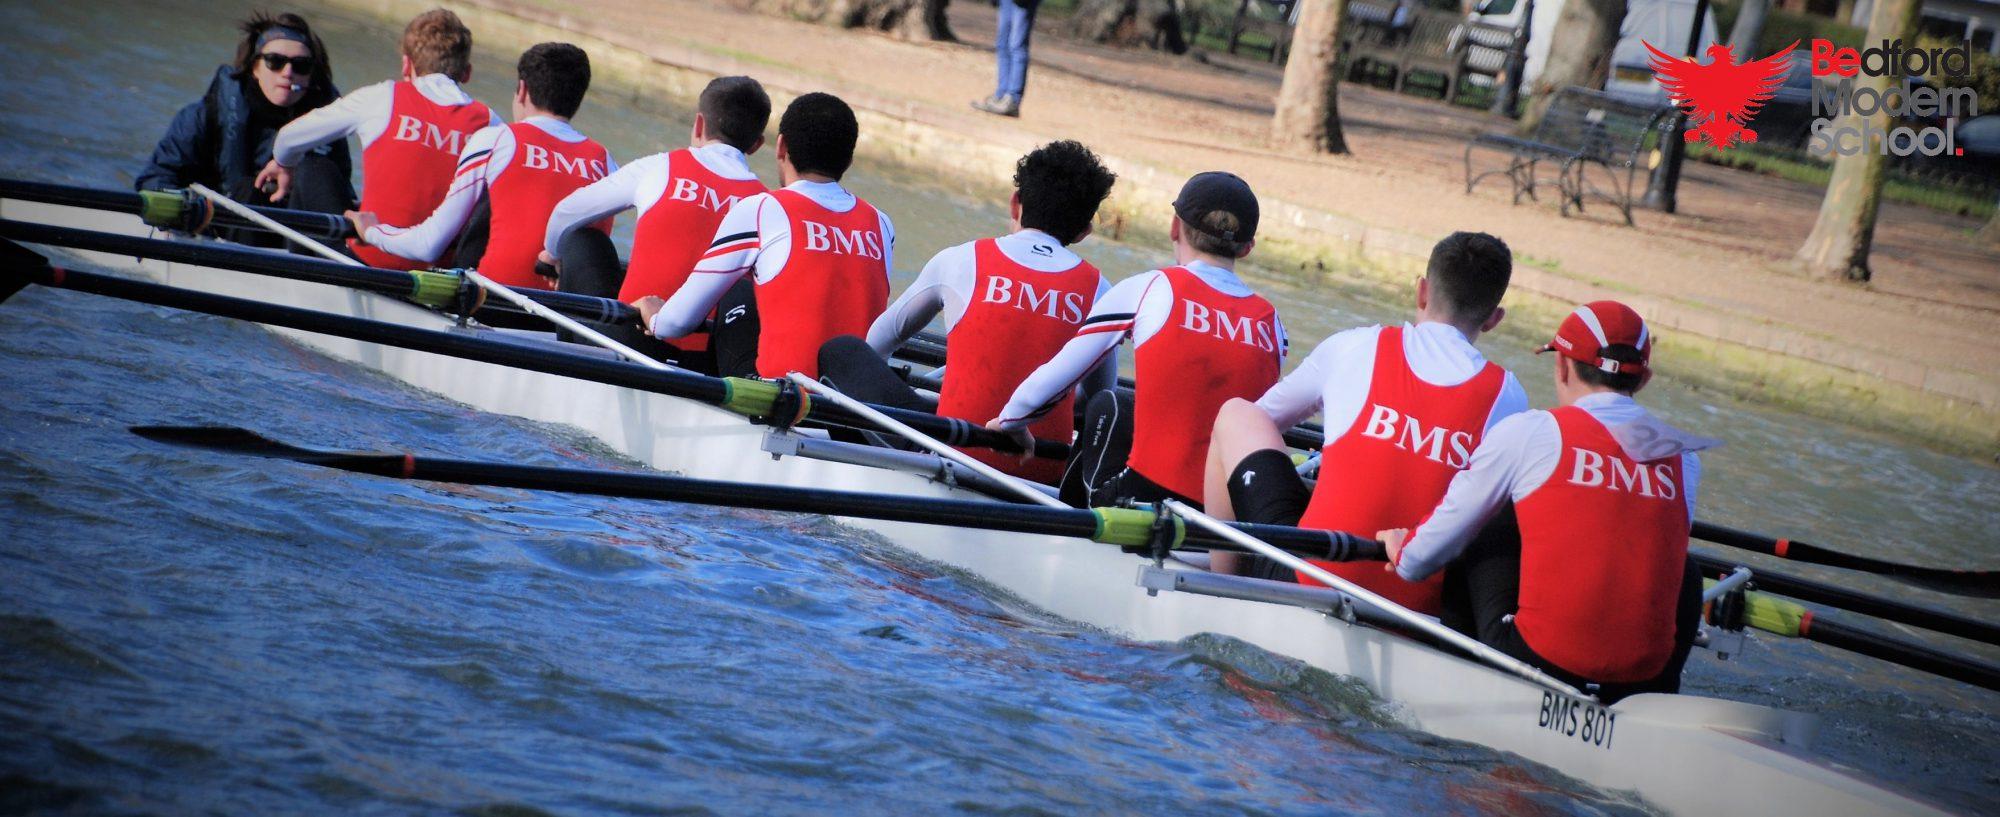 0c234eb76b3 J. Bruce- Senior Rowing Coach – Page 2 – Bedford Modern School Boat Club